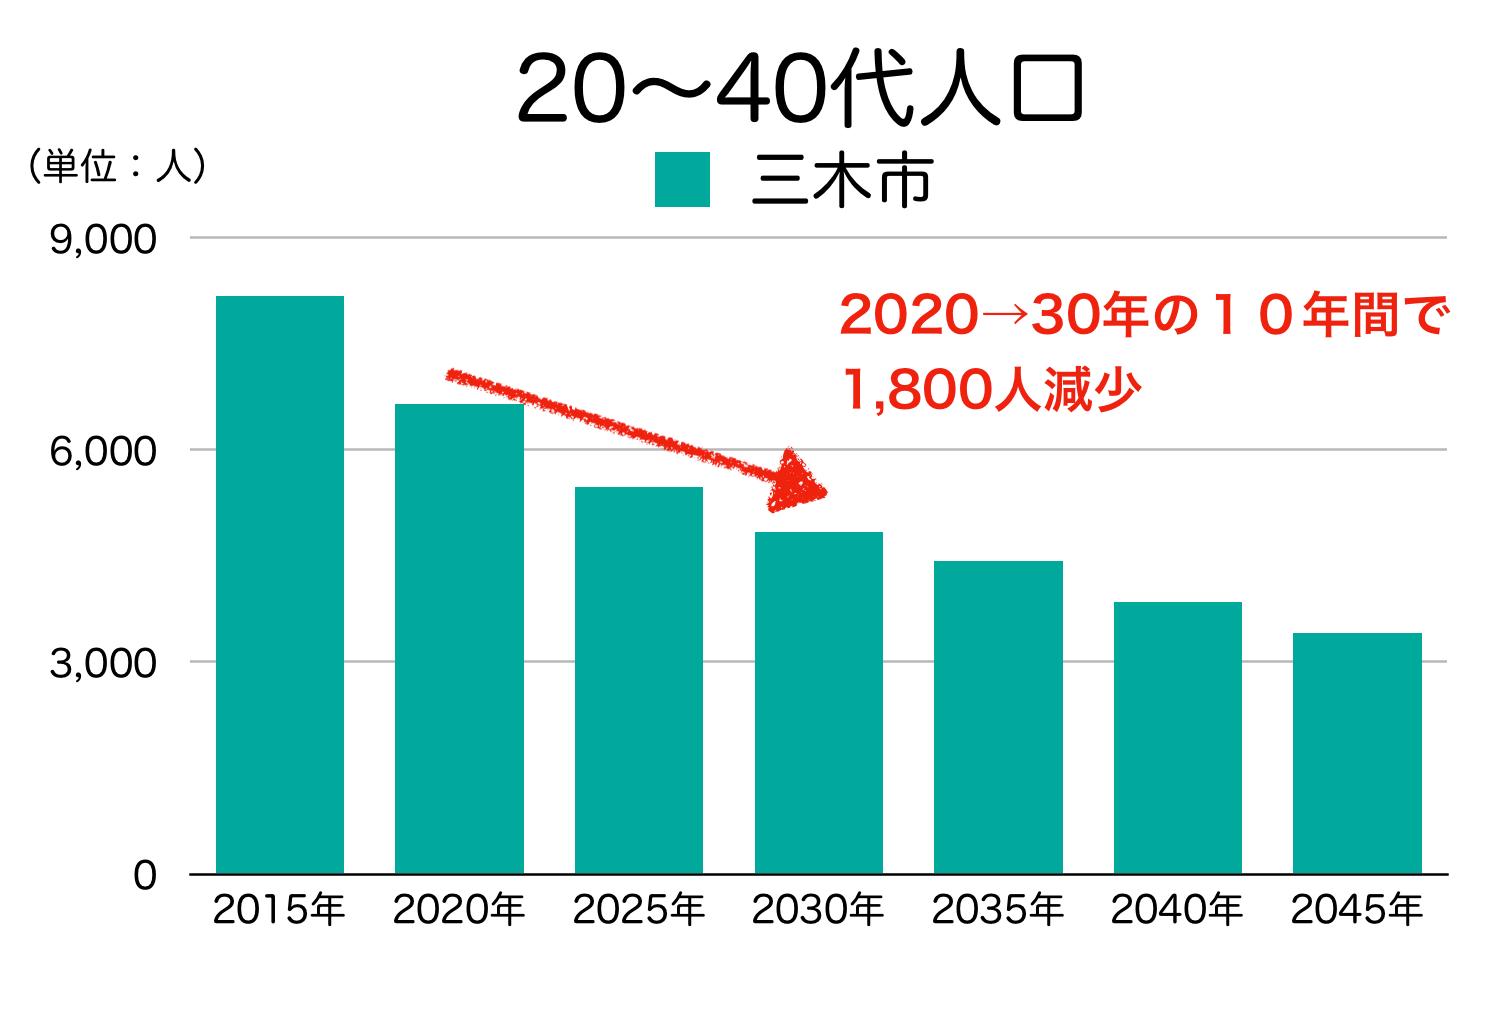 三木市の20〜40代人口の予測